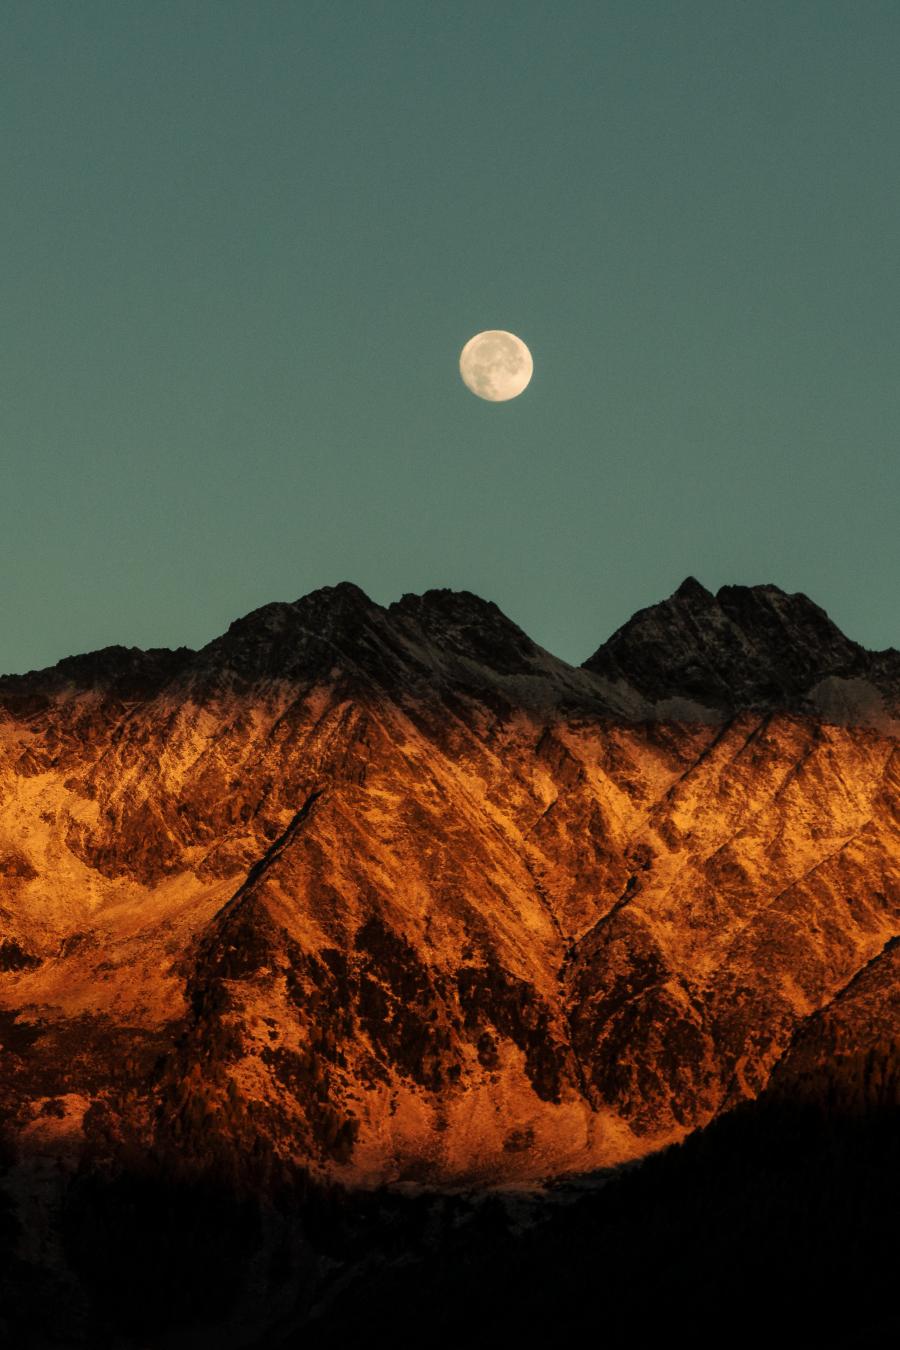 Cele mai frumoase ipostaze ale lunii, in poze superbe - Poza 11